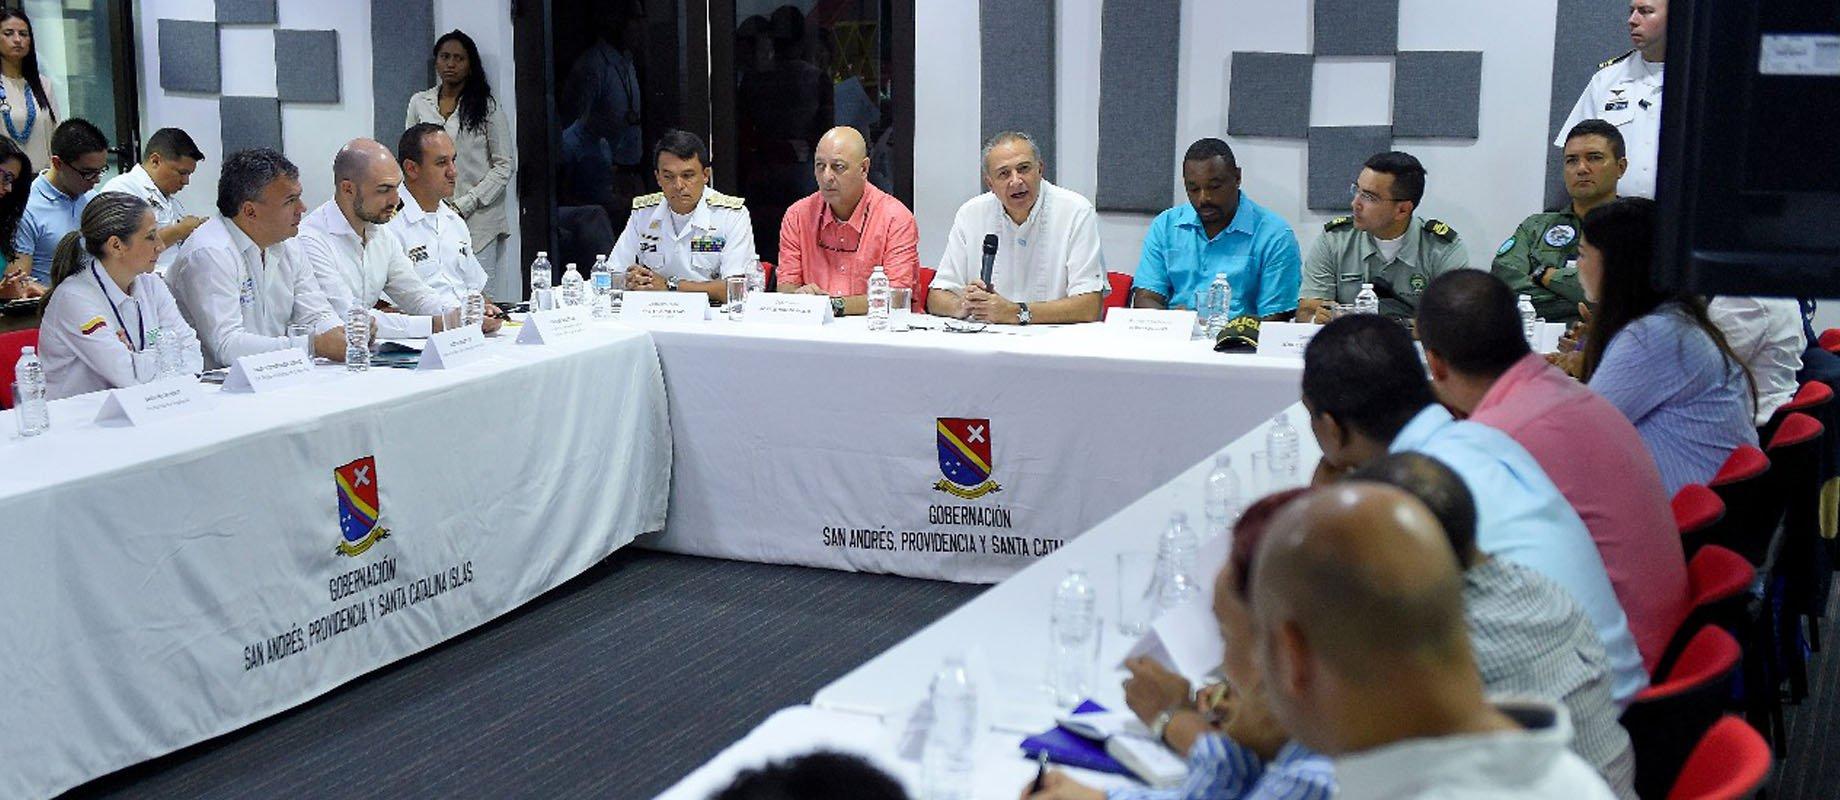 El General Naranjo inicia Encuentro de Seguridad Ciudadana junto al Gobernador de San Andrés y Providencia, Ronald Housni, autoridades locales y líderes raizales para hacer seguimiento a la seguridad de la isla.